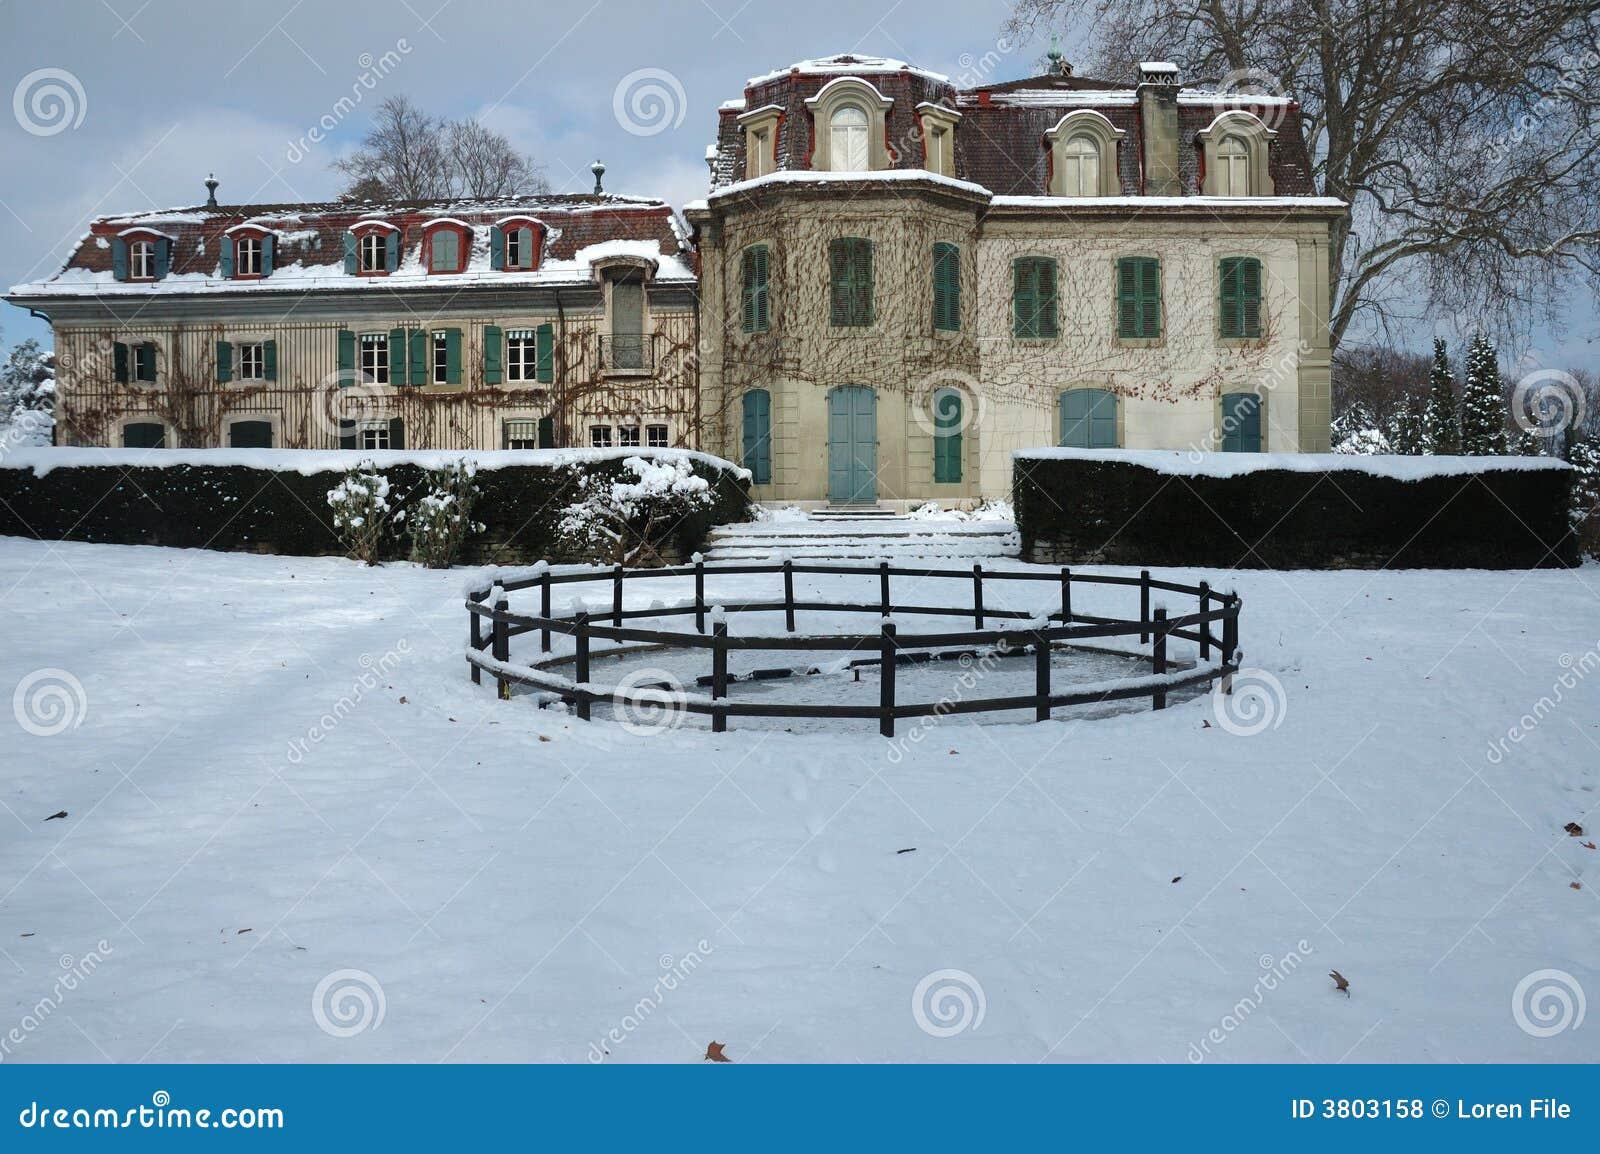 franz sisches landhaus im winter lizenzfreie stockfotos bild 3803158. Black Bedroom Furniture Sets. Home Design Ideas